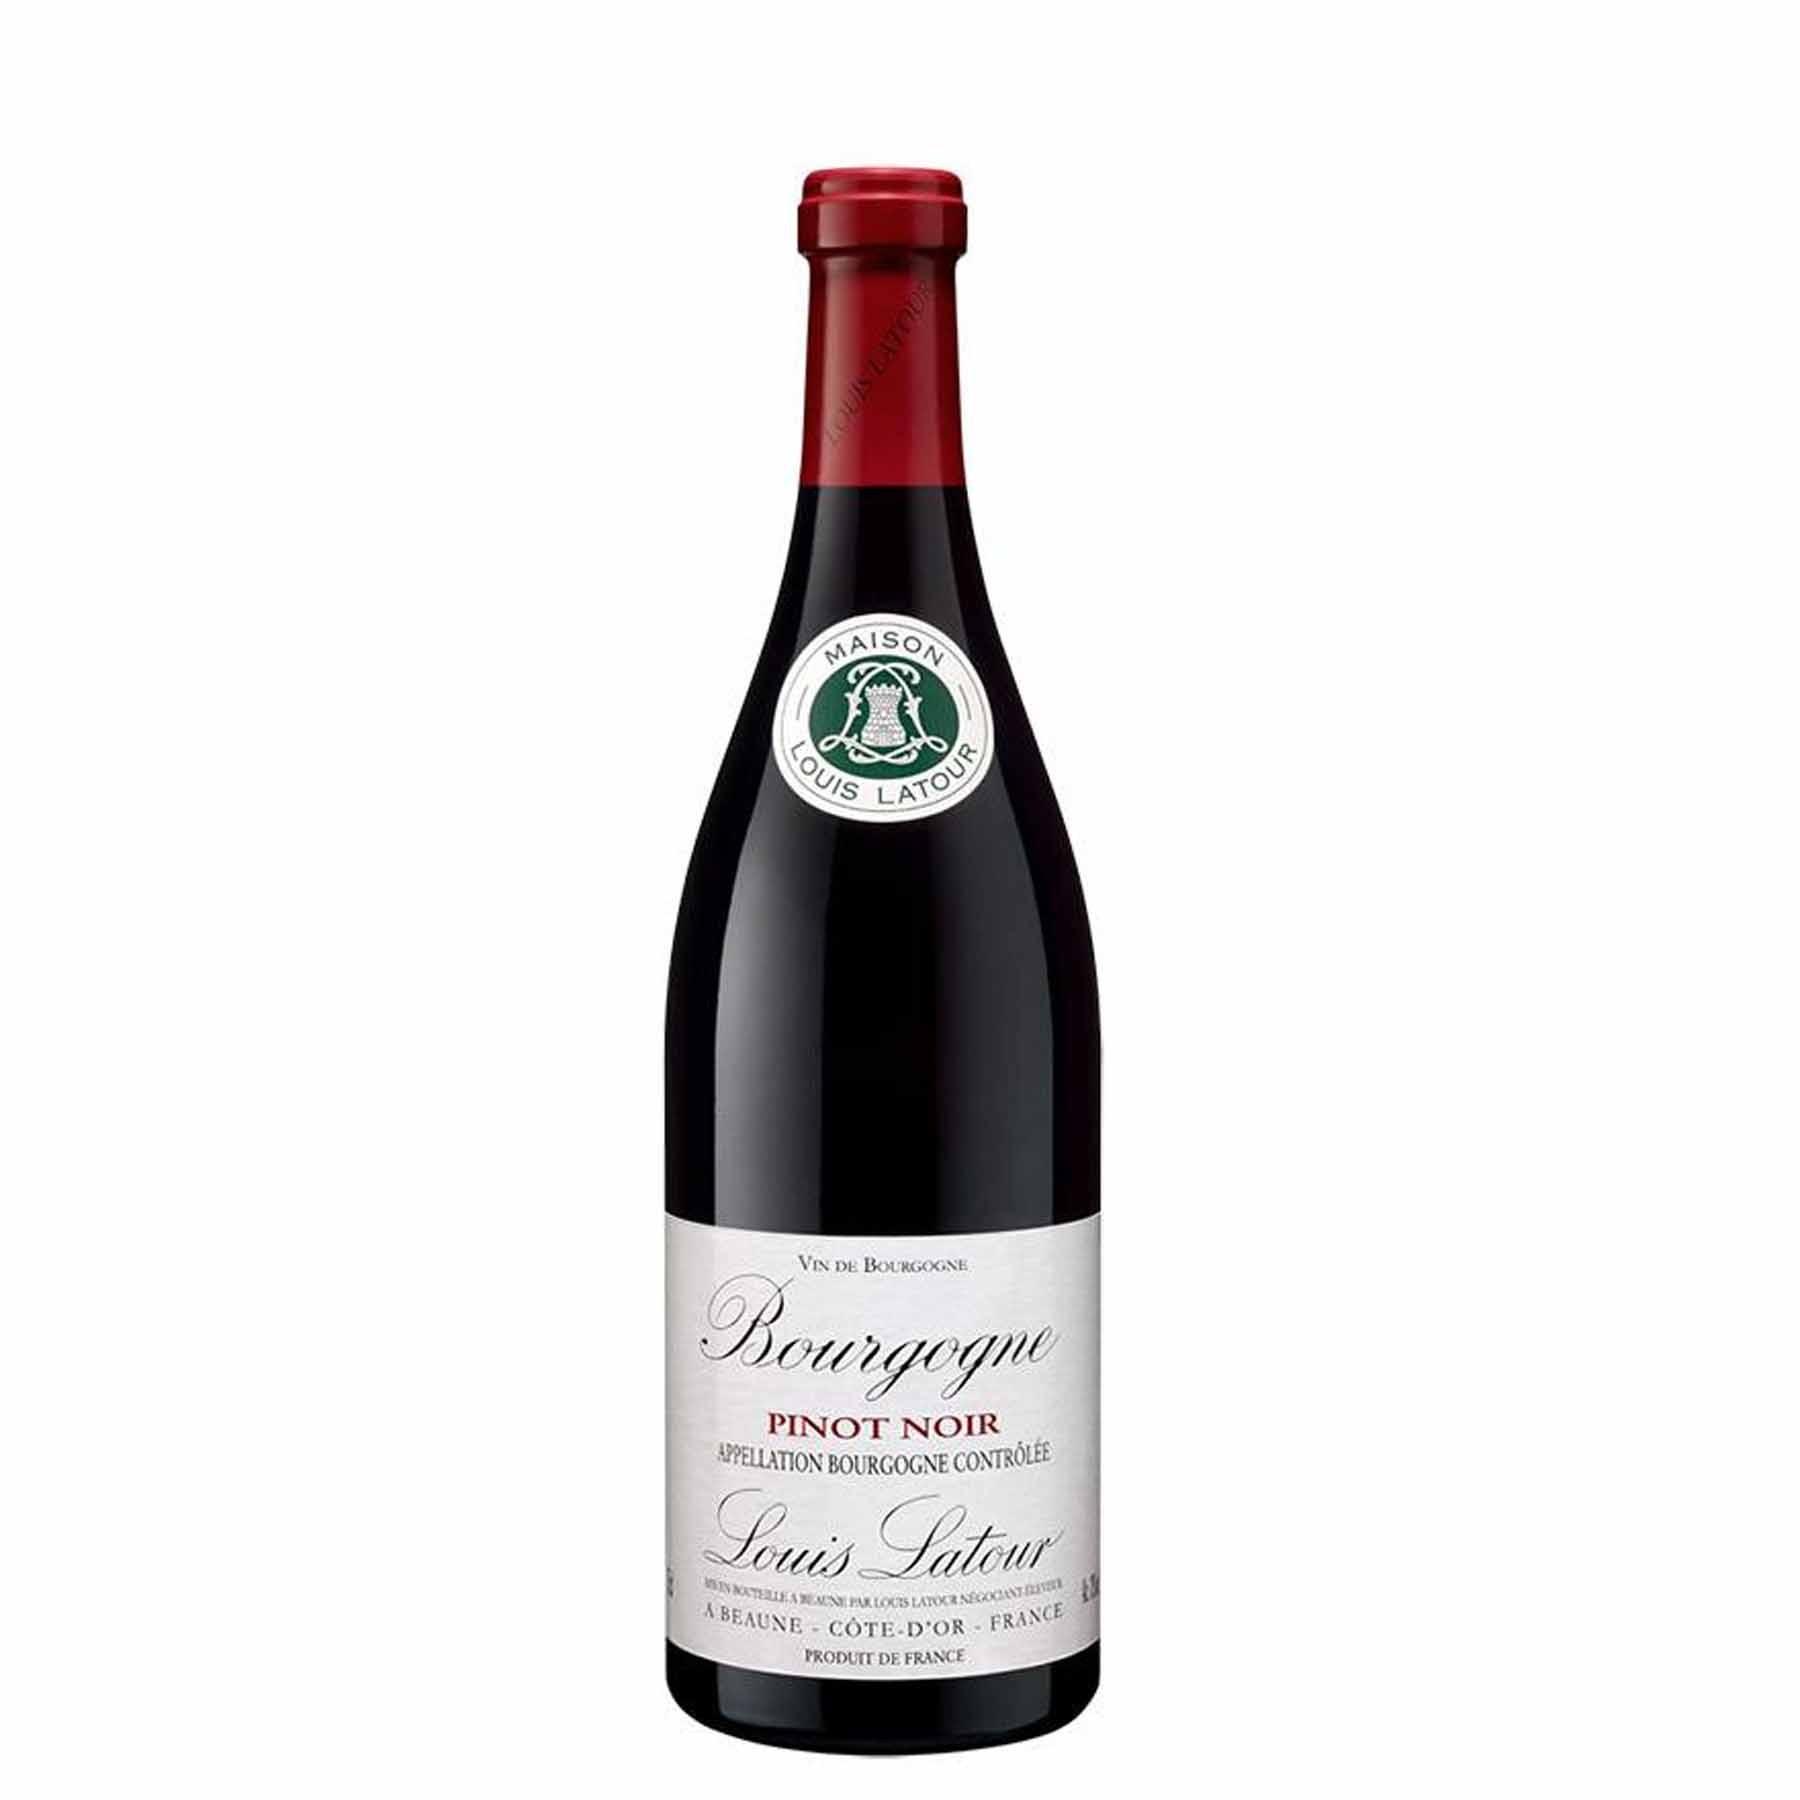 Vinho Tinto Francês L.Latour Bourgogne Pinot Noir 2018 375ml